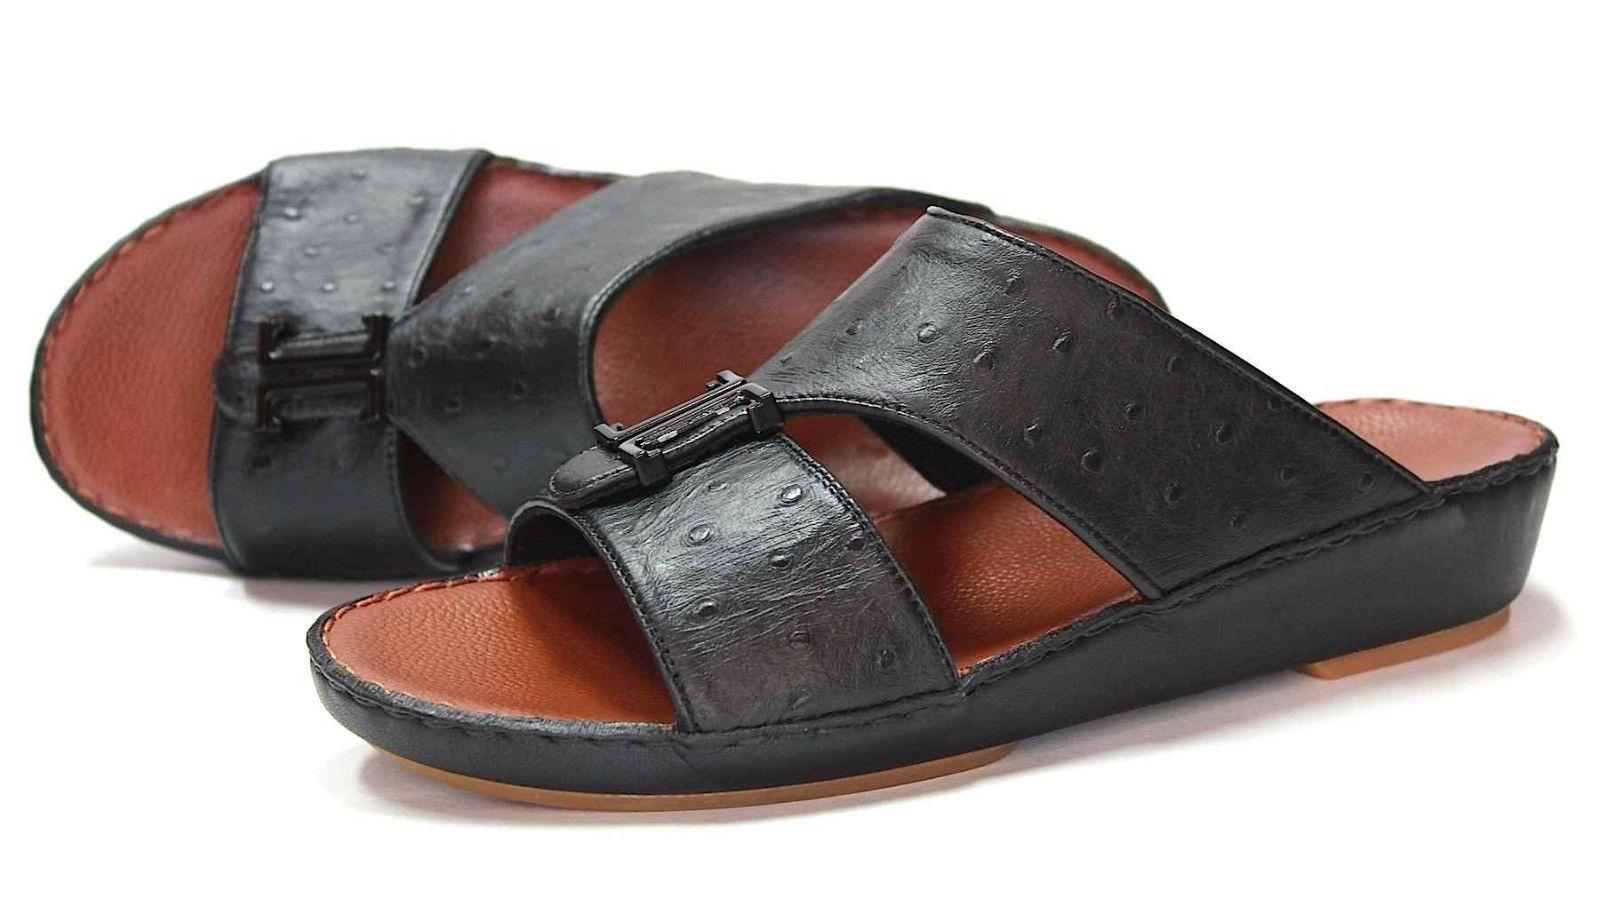 1bf17c9f4e8856 Mens Shoes 45054  Arab - Muslim - Arabic Slipper